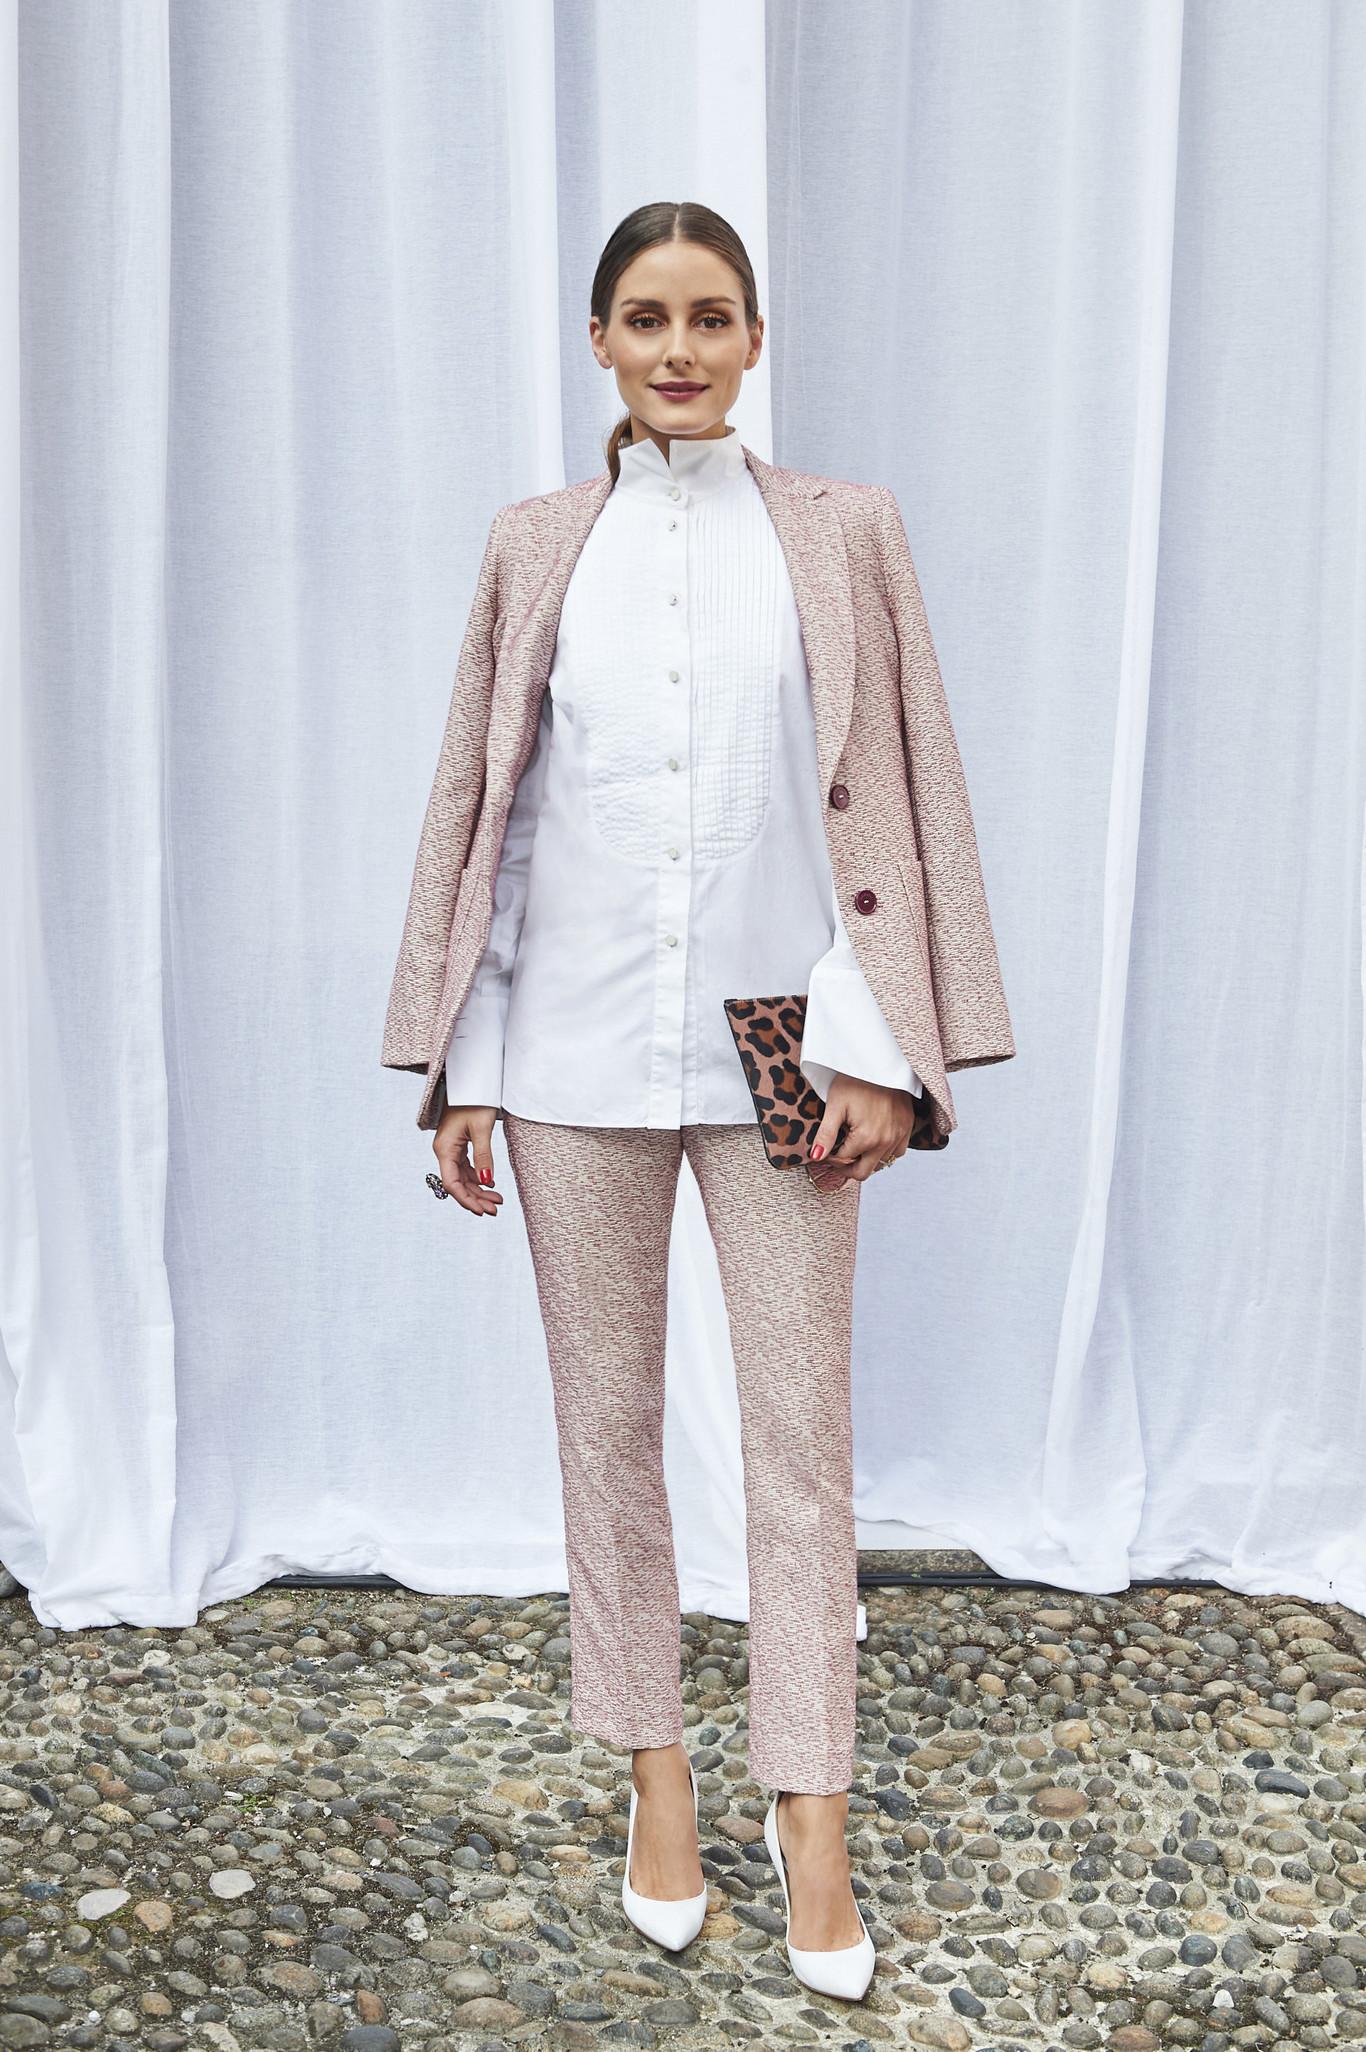 Los looks de Olivia Palermo en la Semana de la Moda de Milán nos inspiran  para este otoño 5450cfcfea69